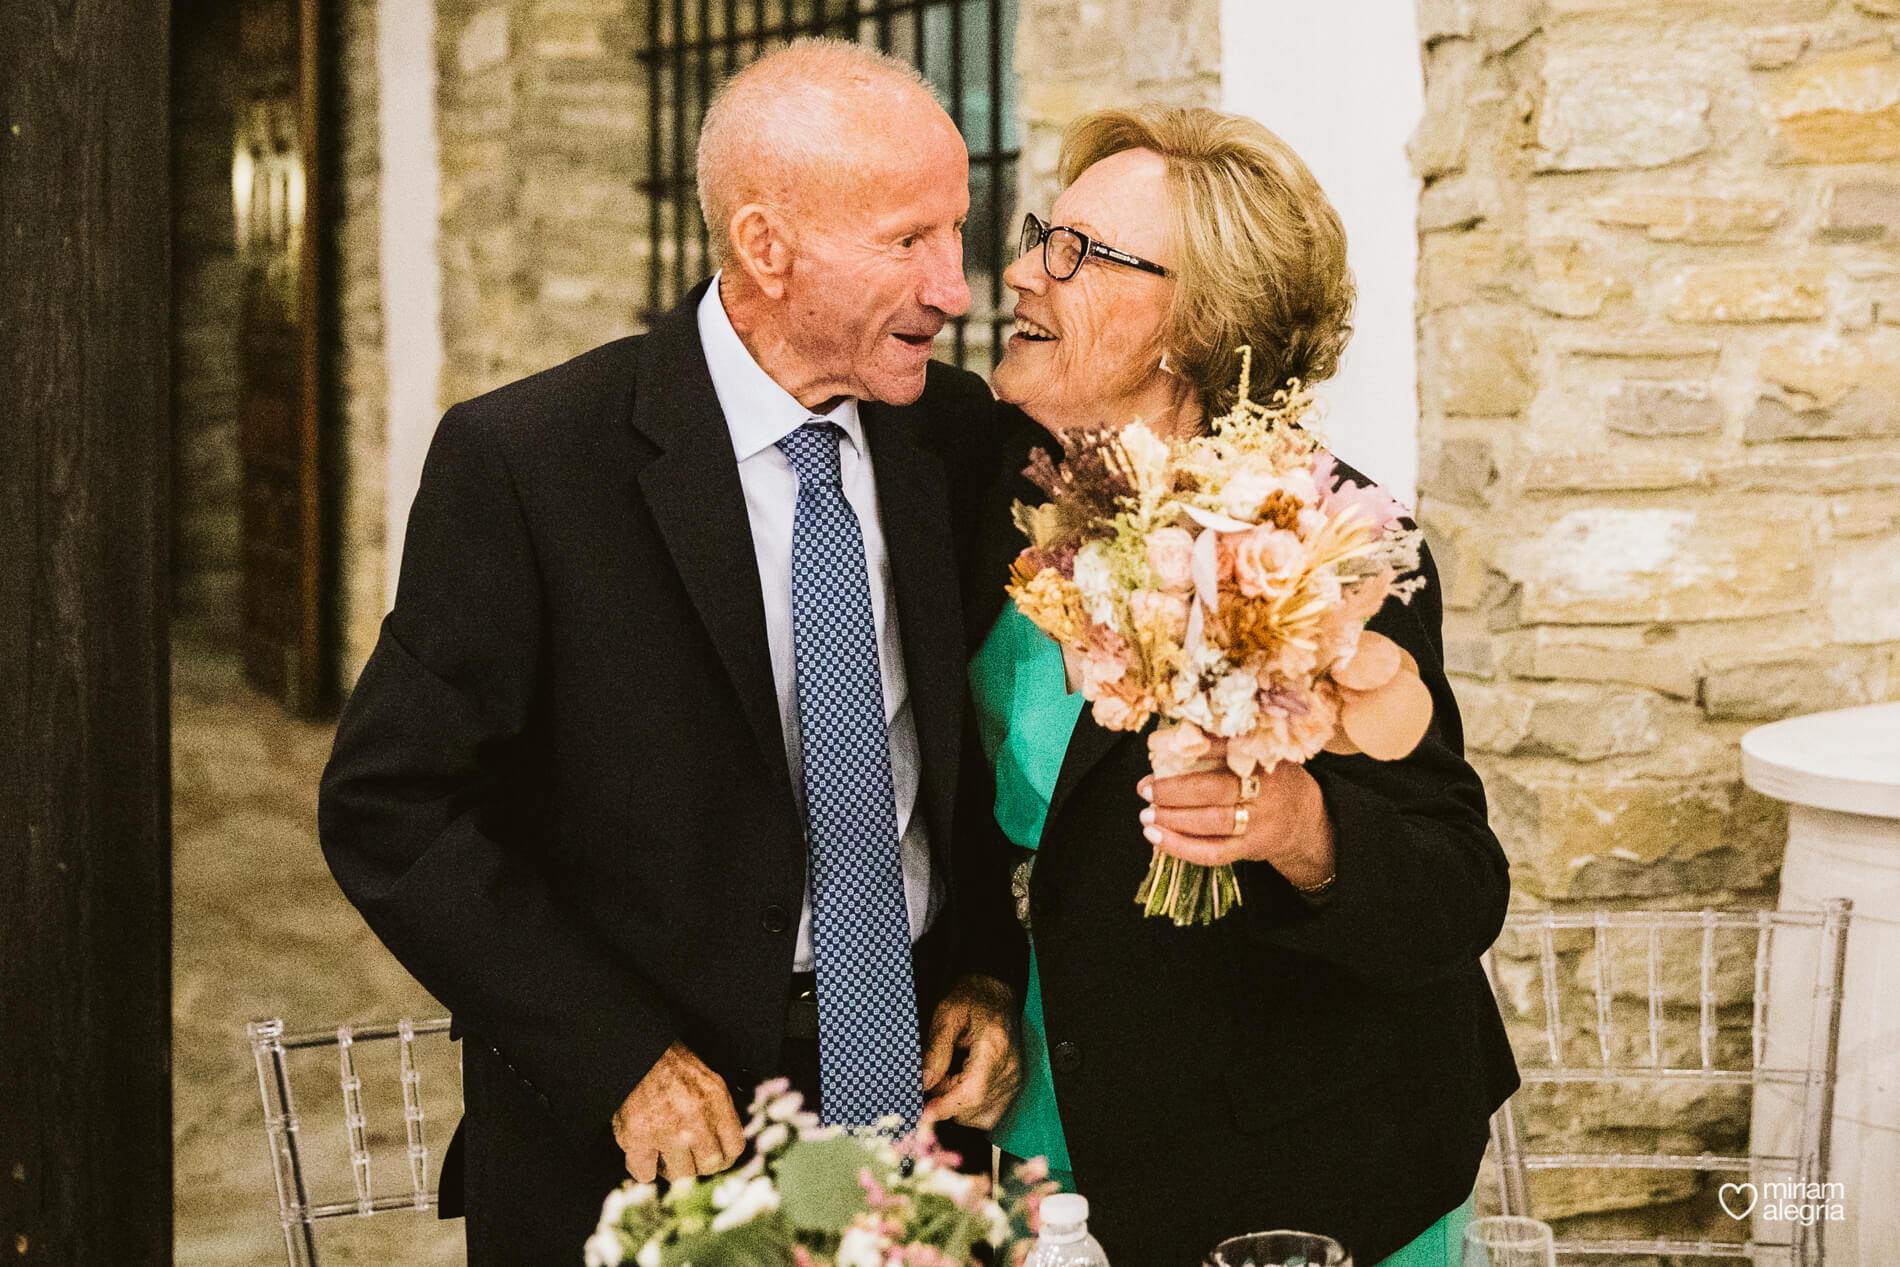 boda-en-collados-miriam-alegria-cayetana-ferrer-113